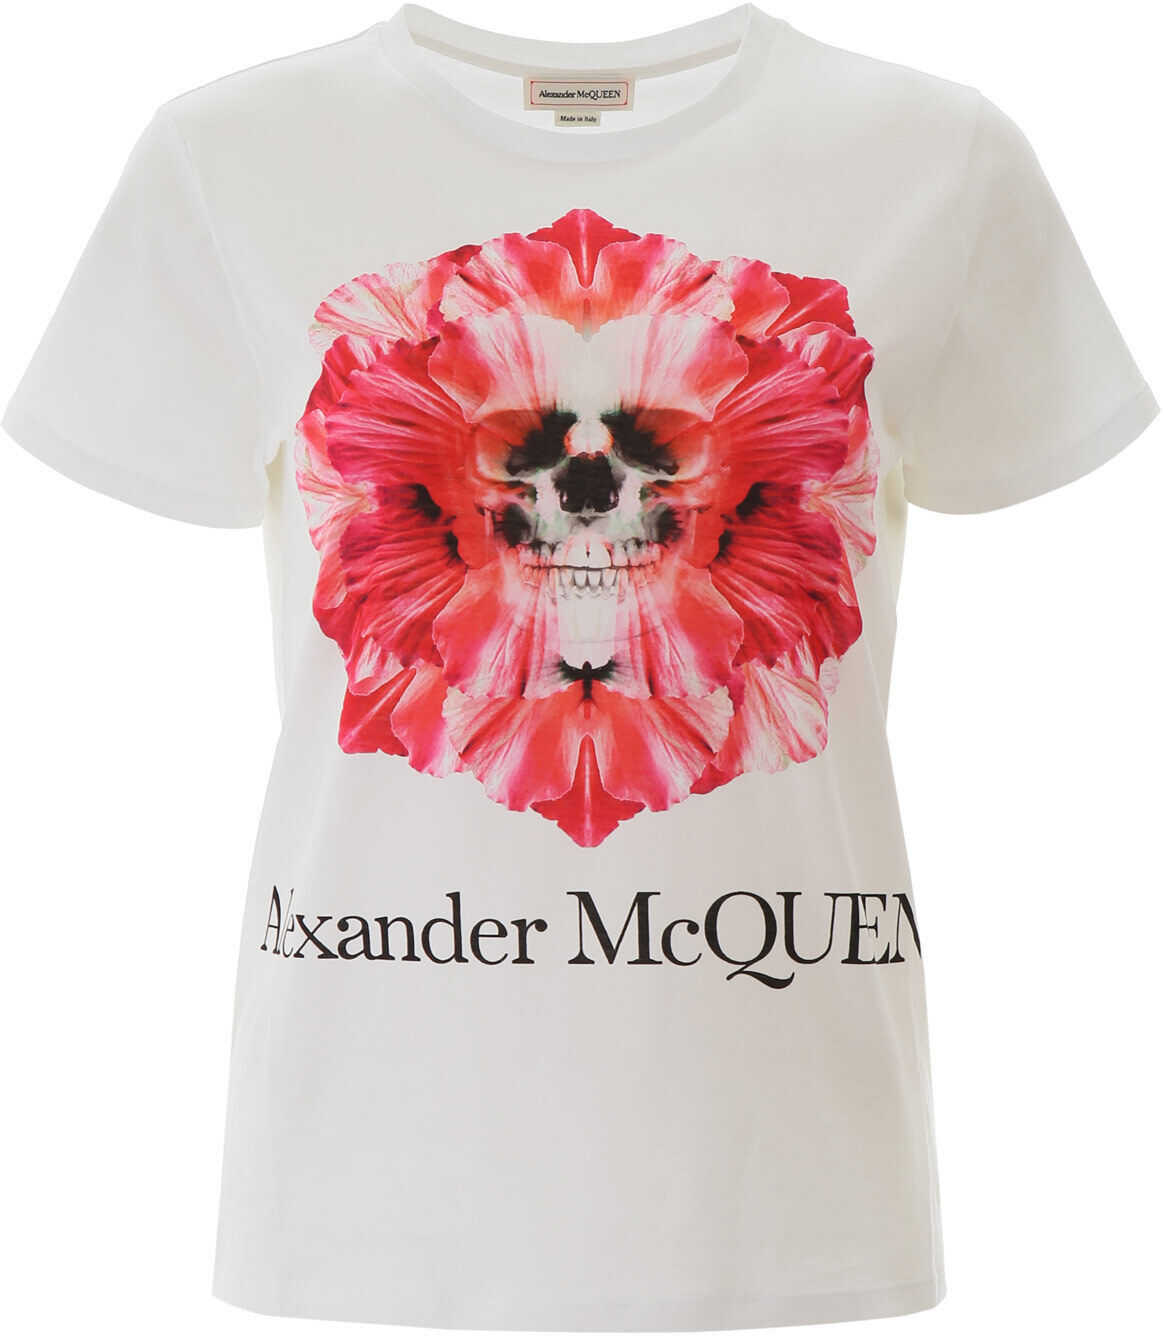 Alexander McQueen Skull Flower T-Shirt WHITE